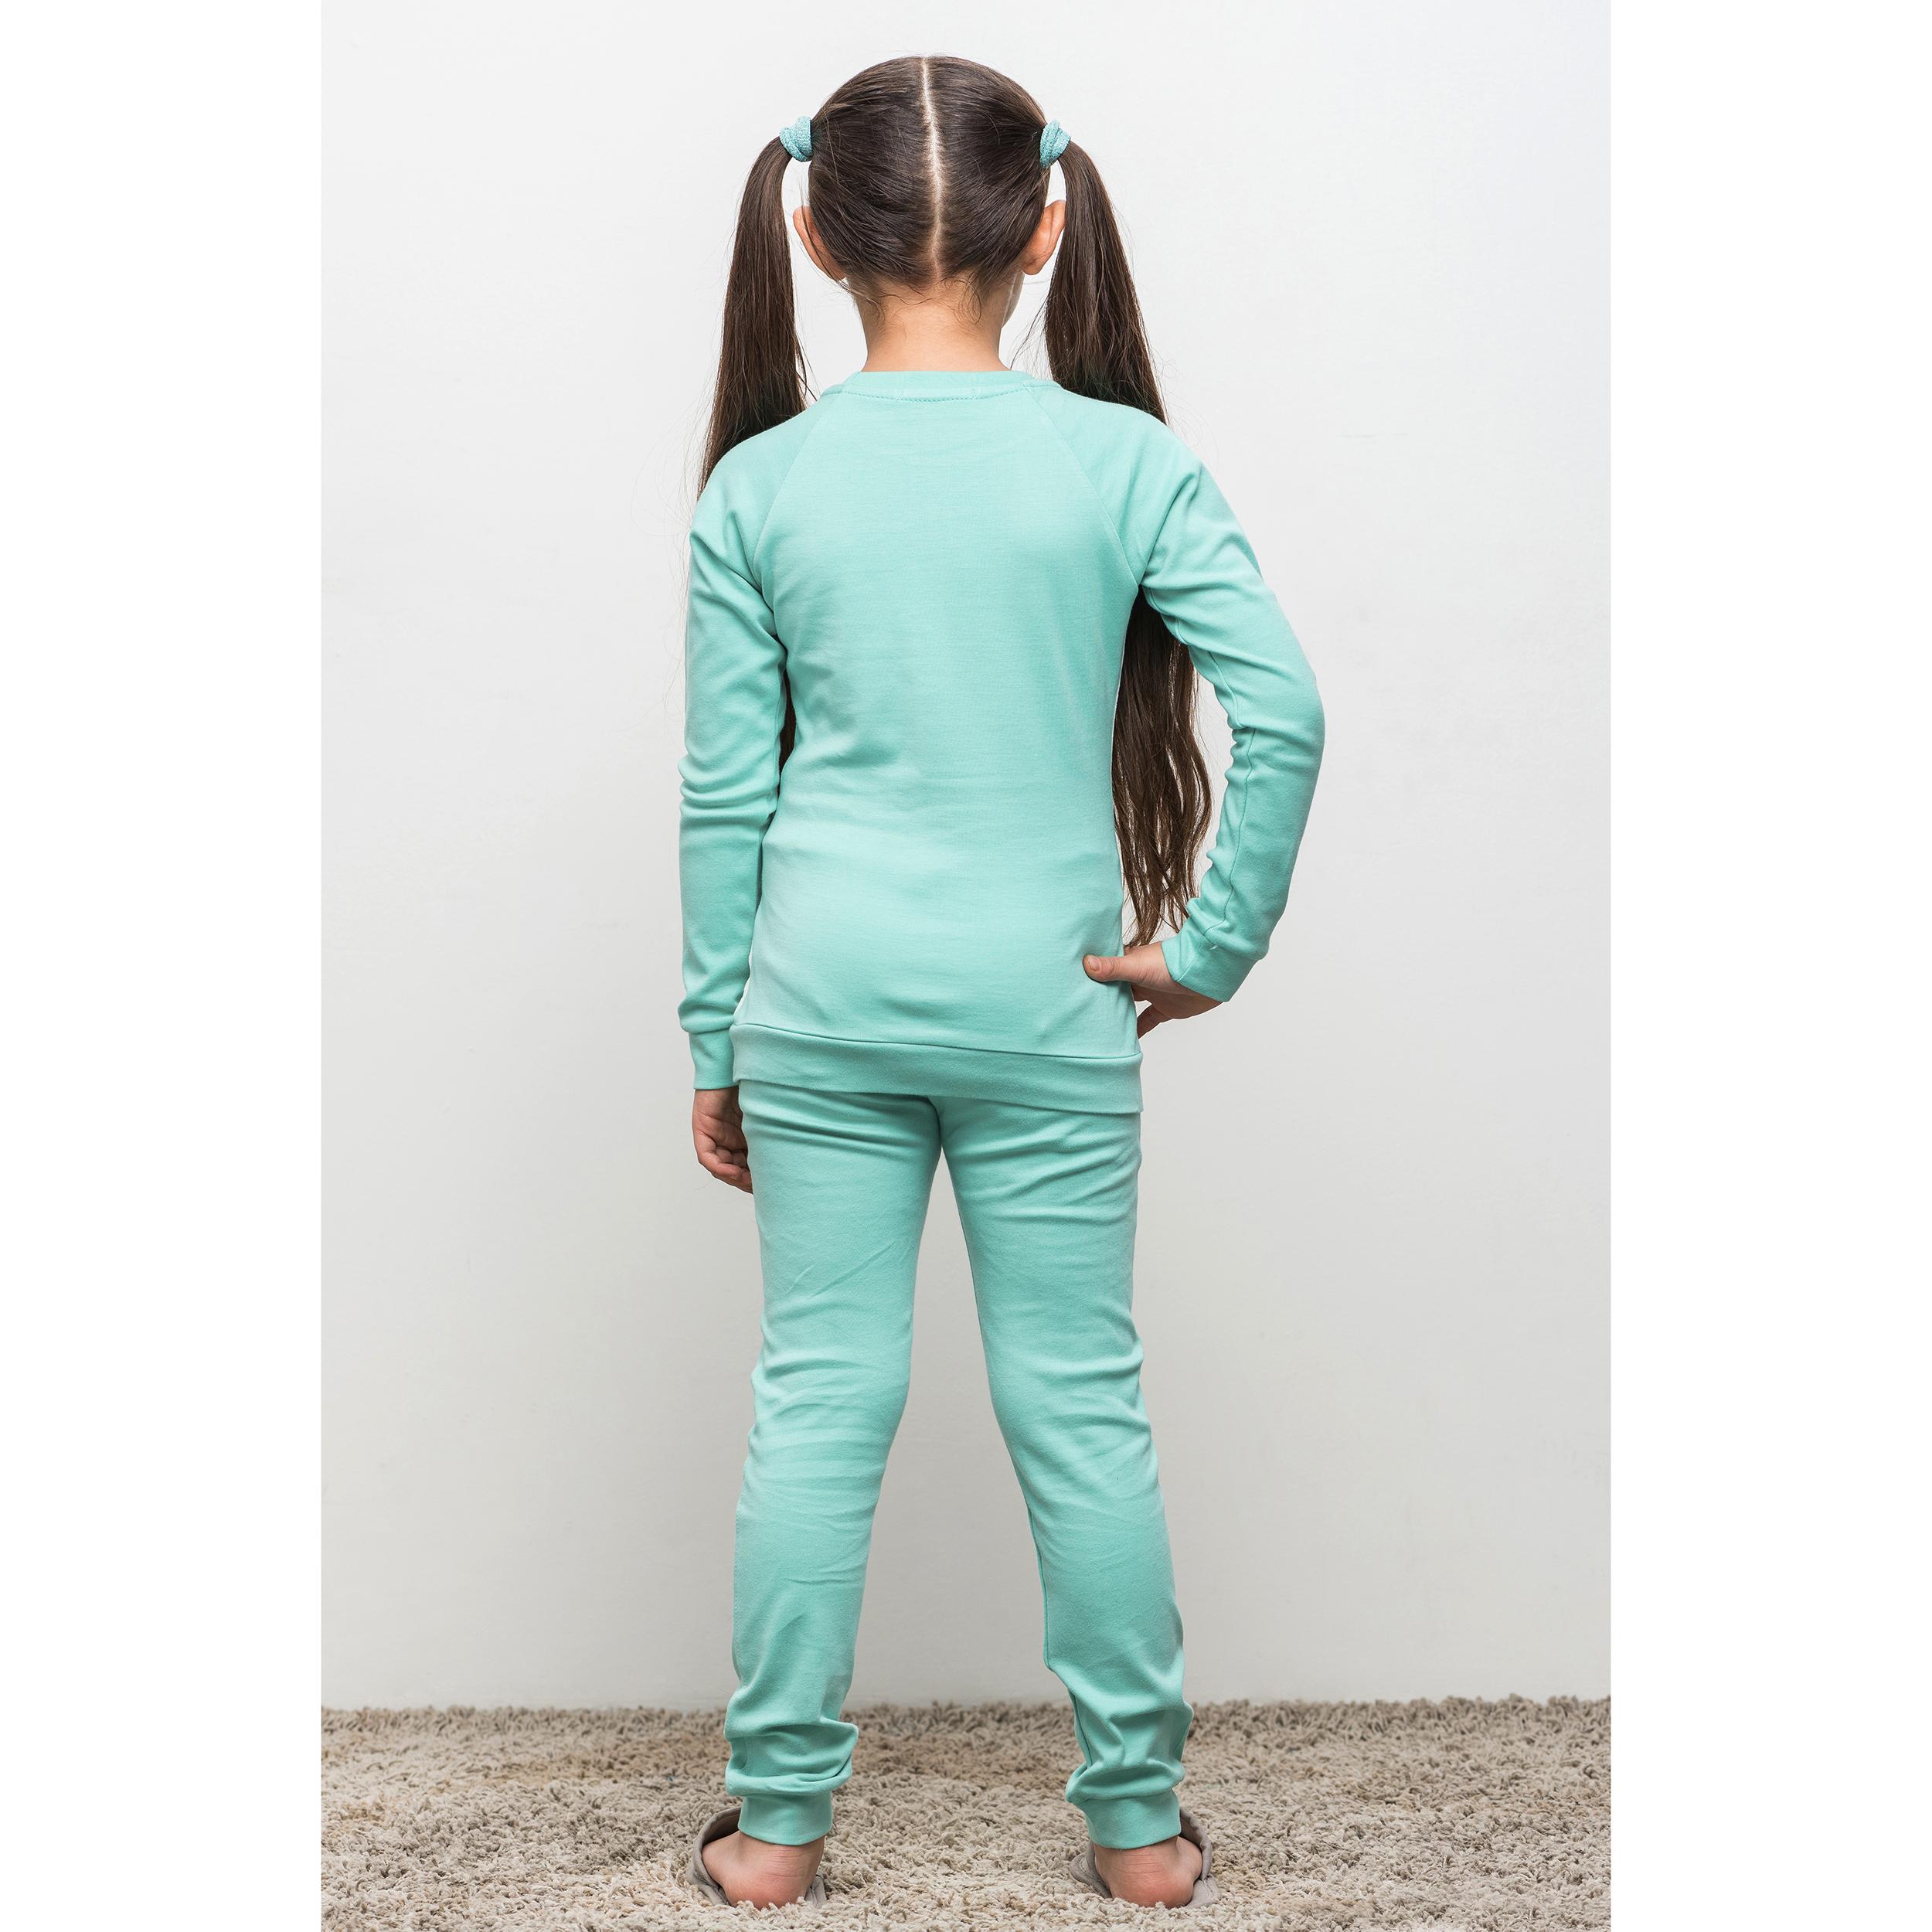 ست تی شرت و شلوار دخترانه مادر مدل 304-54 main 1 5